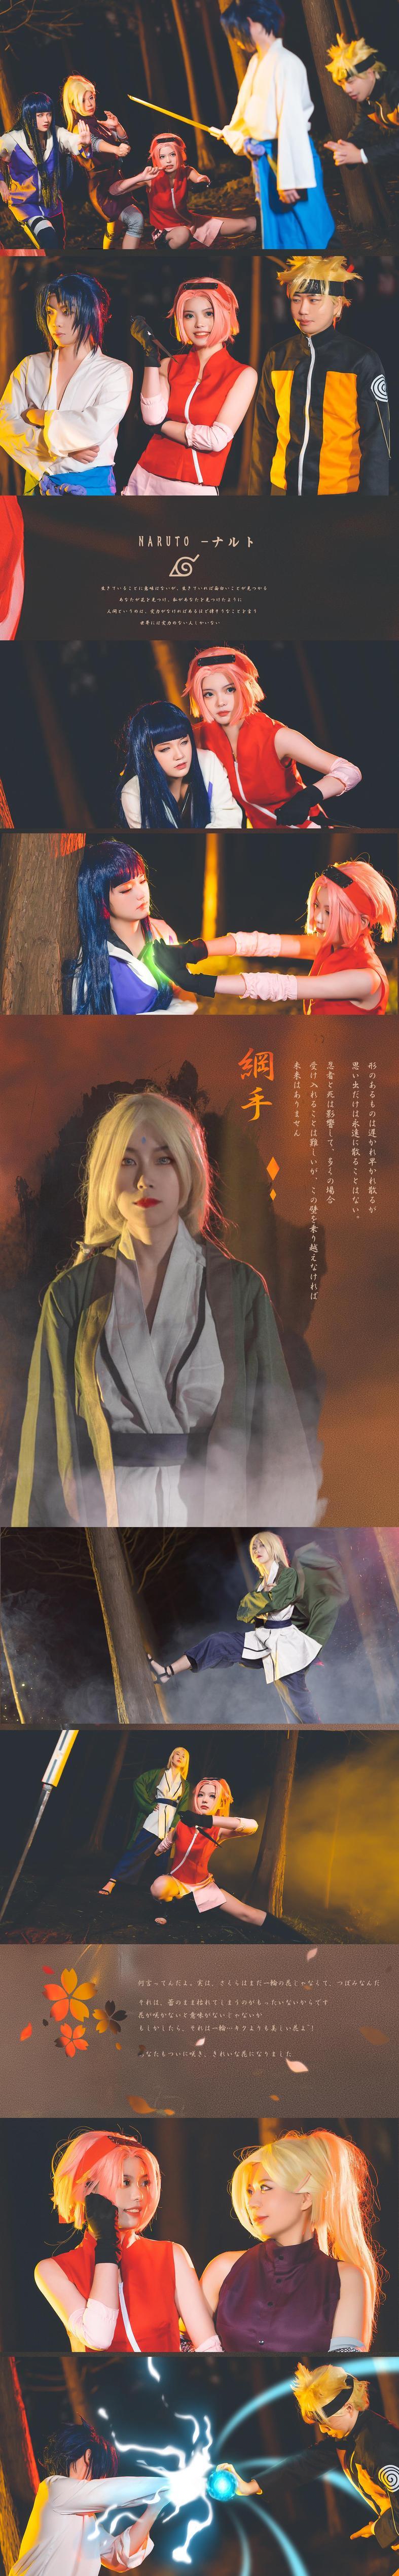 《火影忍者》正片cosplay【CN:北殿北】-第2张